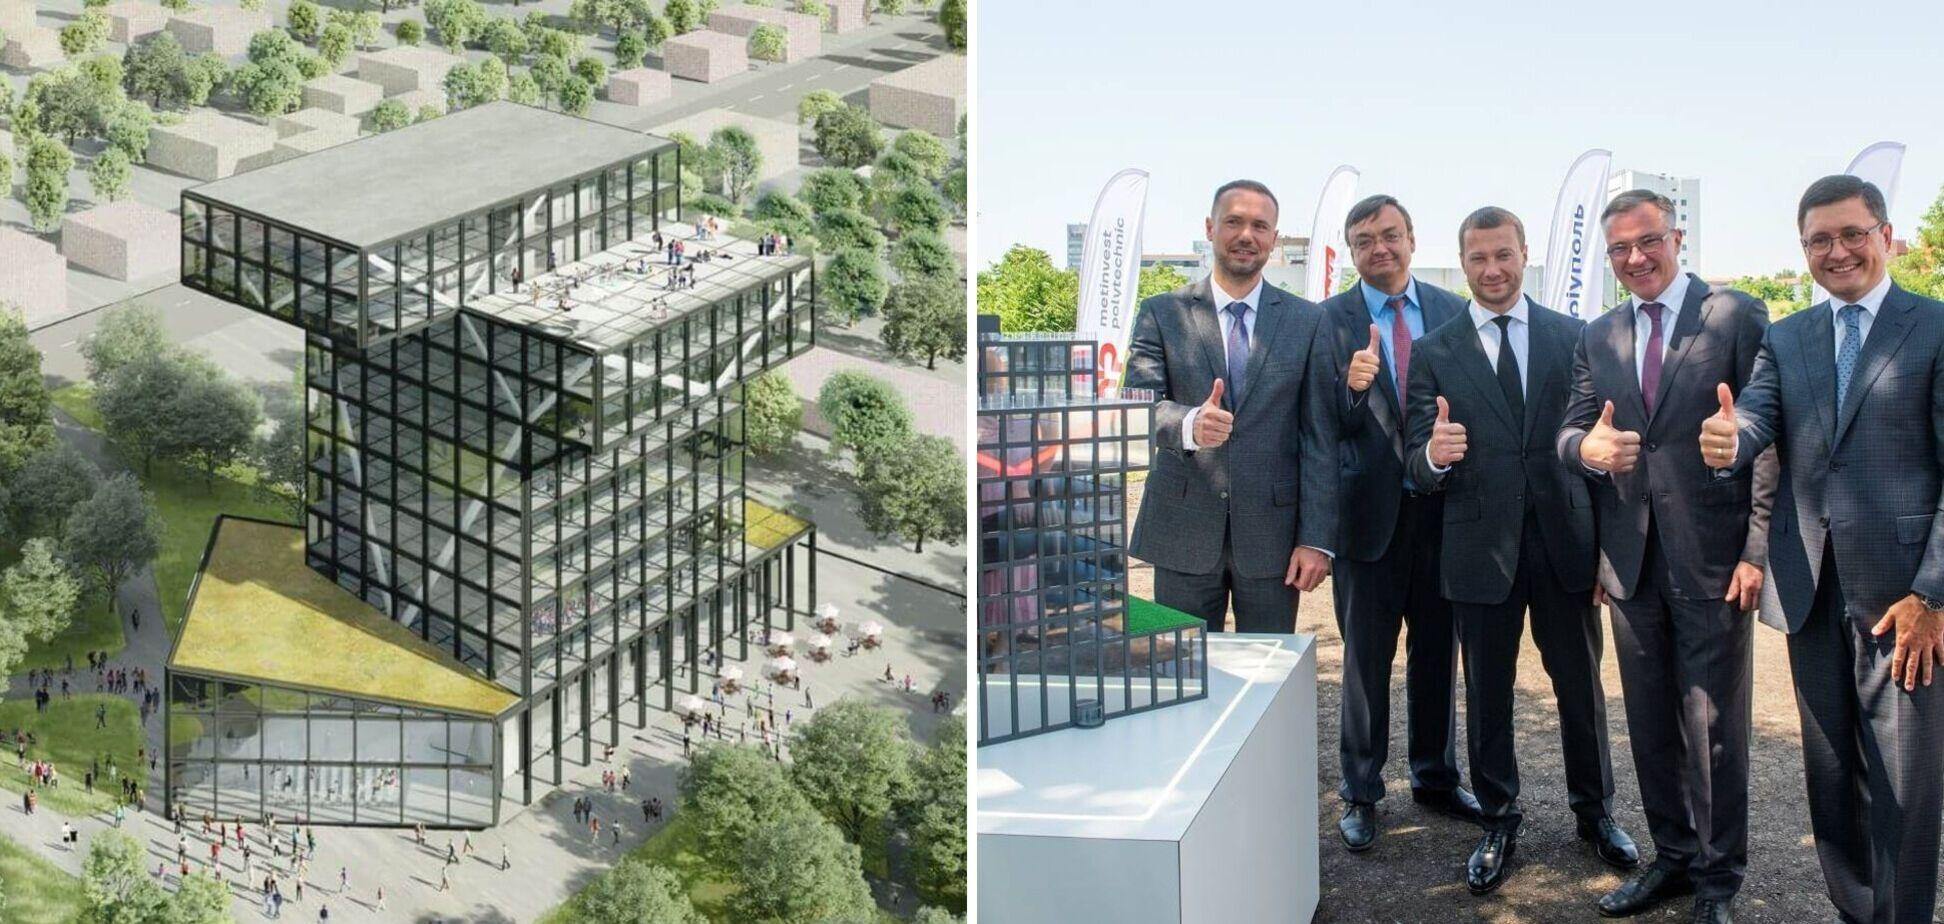 Макет главного корпуса будущего университета 16 июля собрали руководители Группы, университета, Министерства образования и науки Украины, а также областной и городской властей